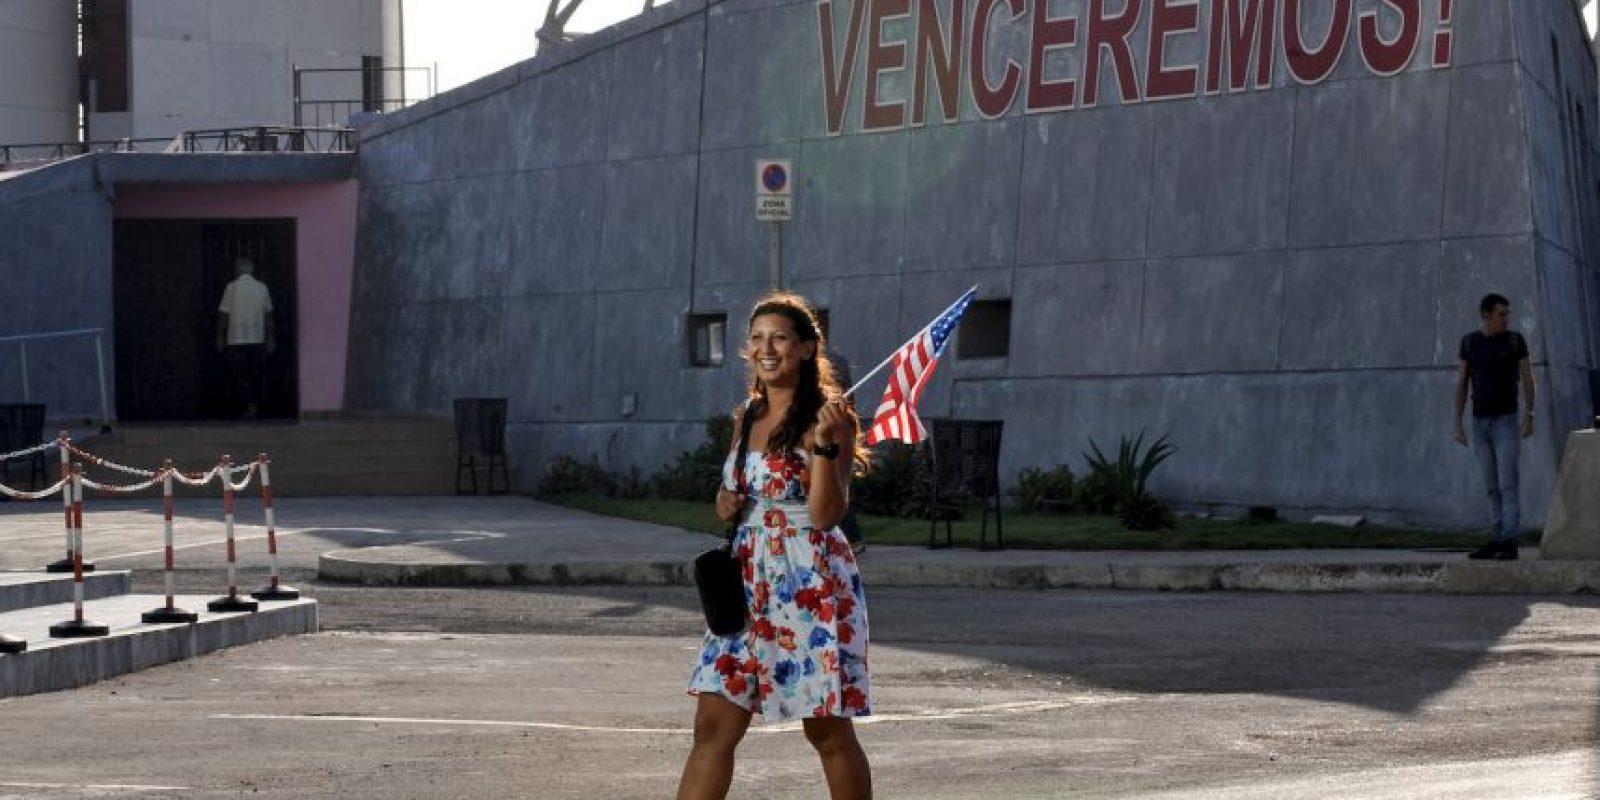 El pasado 17 de diciembre de 2014, el presidente de Estados Unidos, Barack Obama y el presidente de Cuba, Raúl Castro anunciaron el restablecimiento de las relaciones diplomáticas de ambos países. Foto:AFP